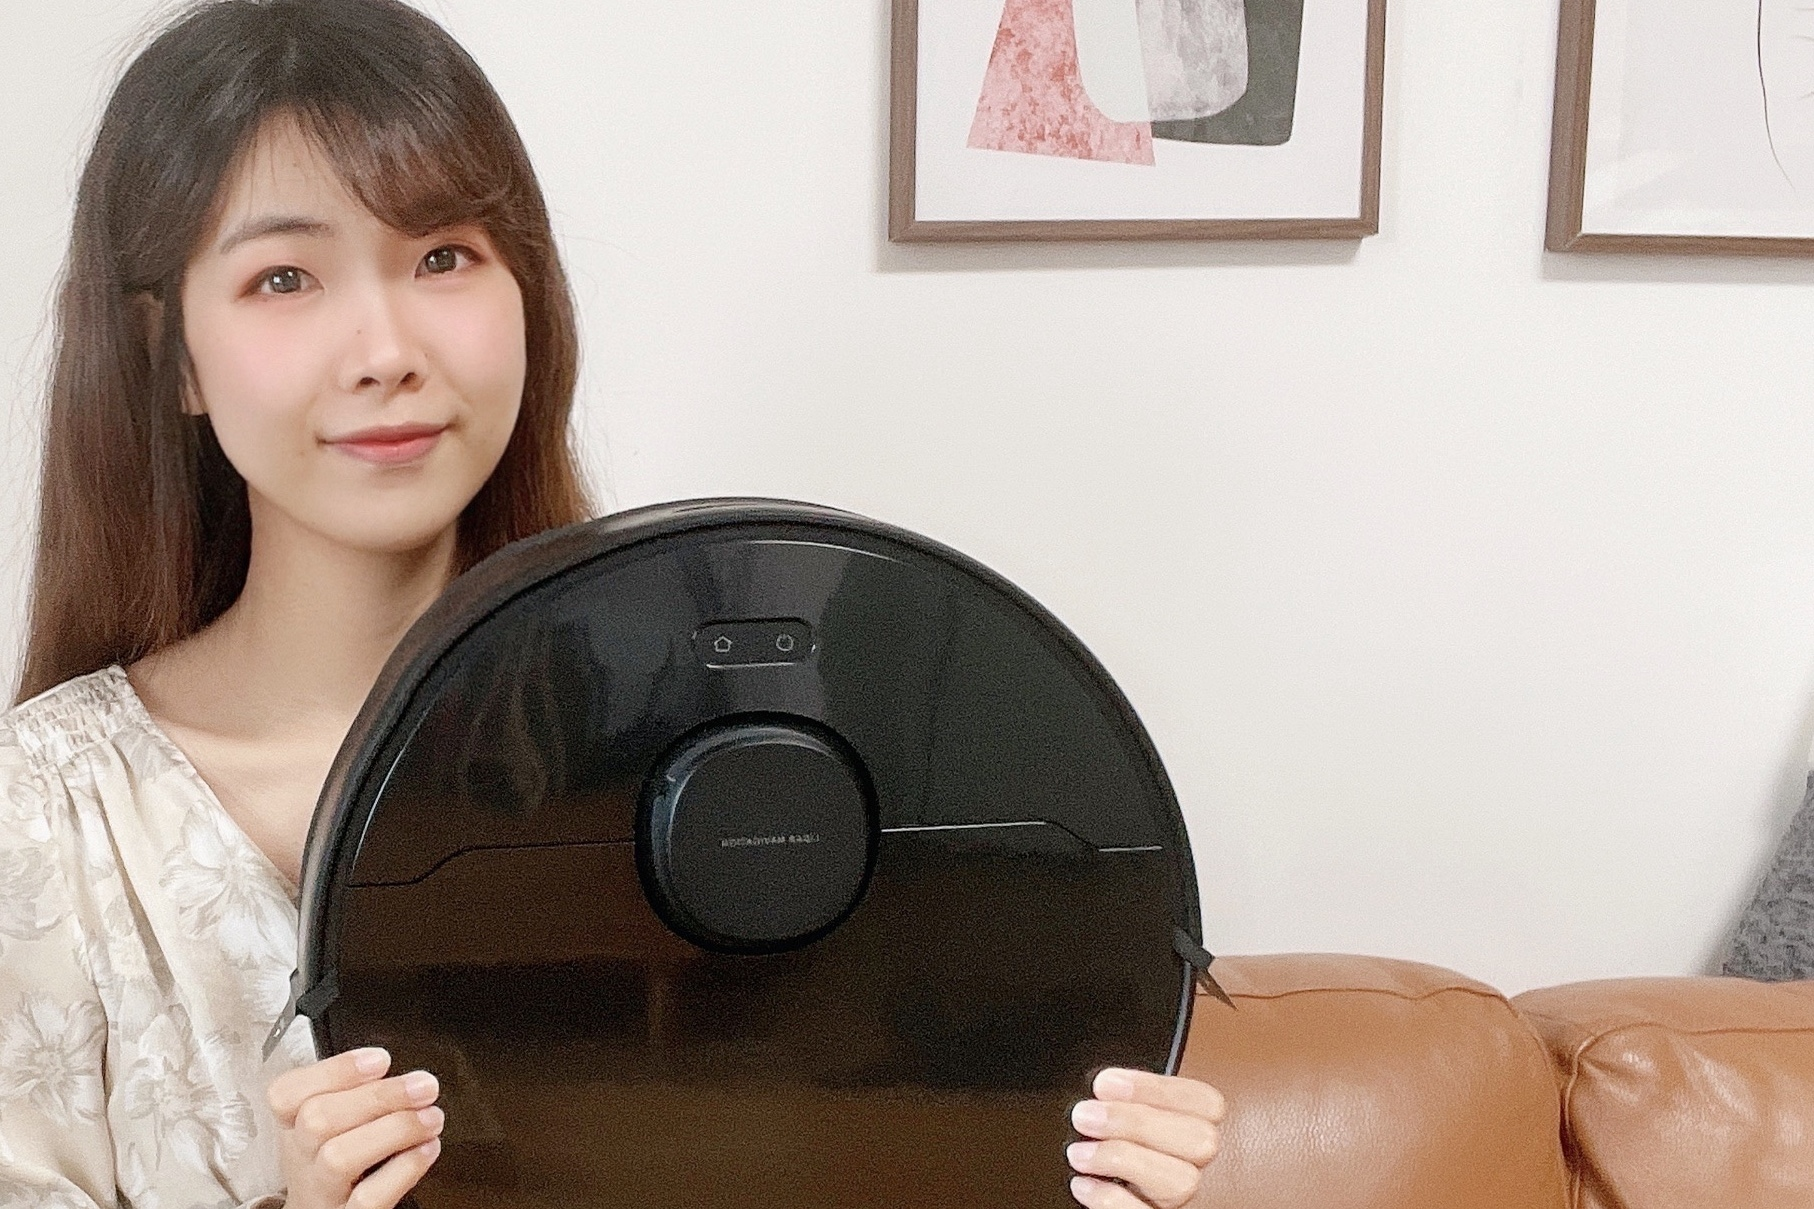 养宠家庭必备丨MOVA L600扫拖机器人#家装#